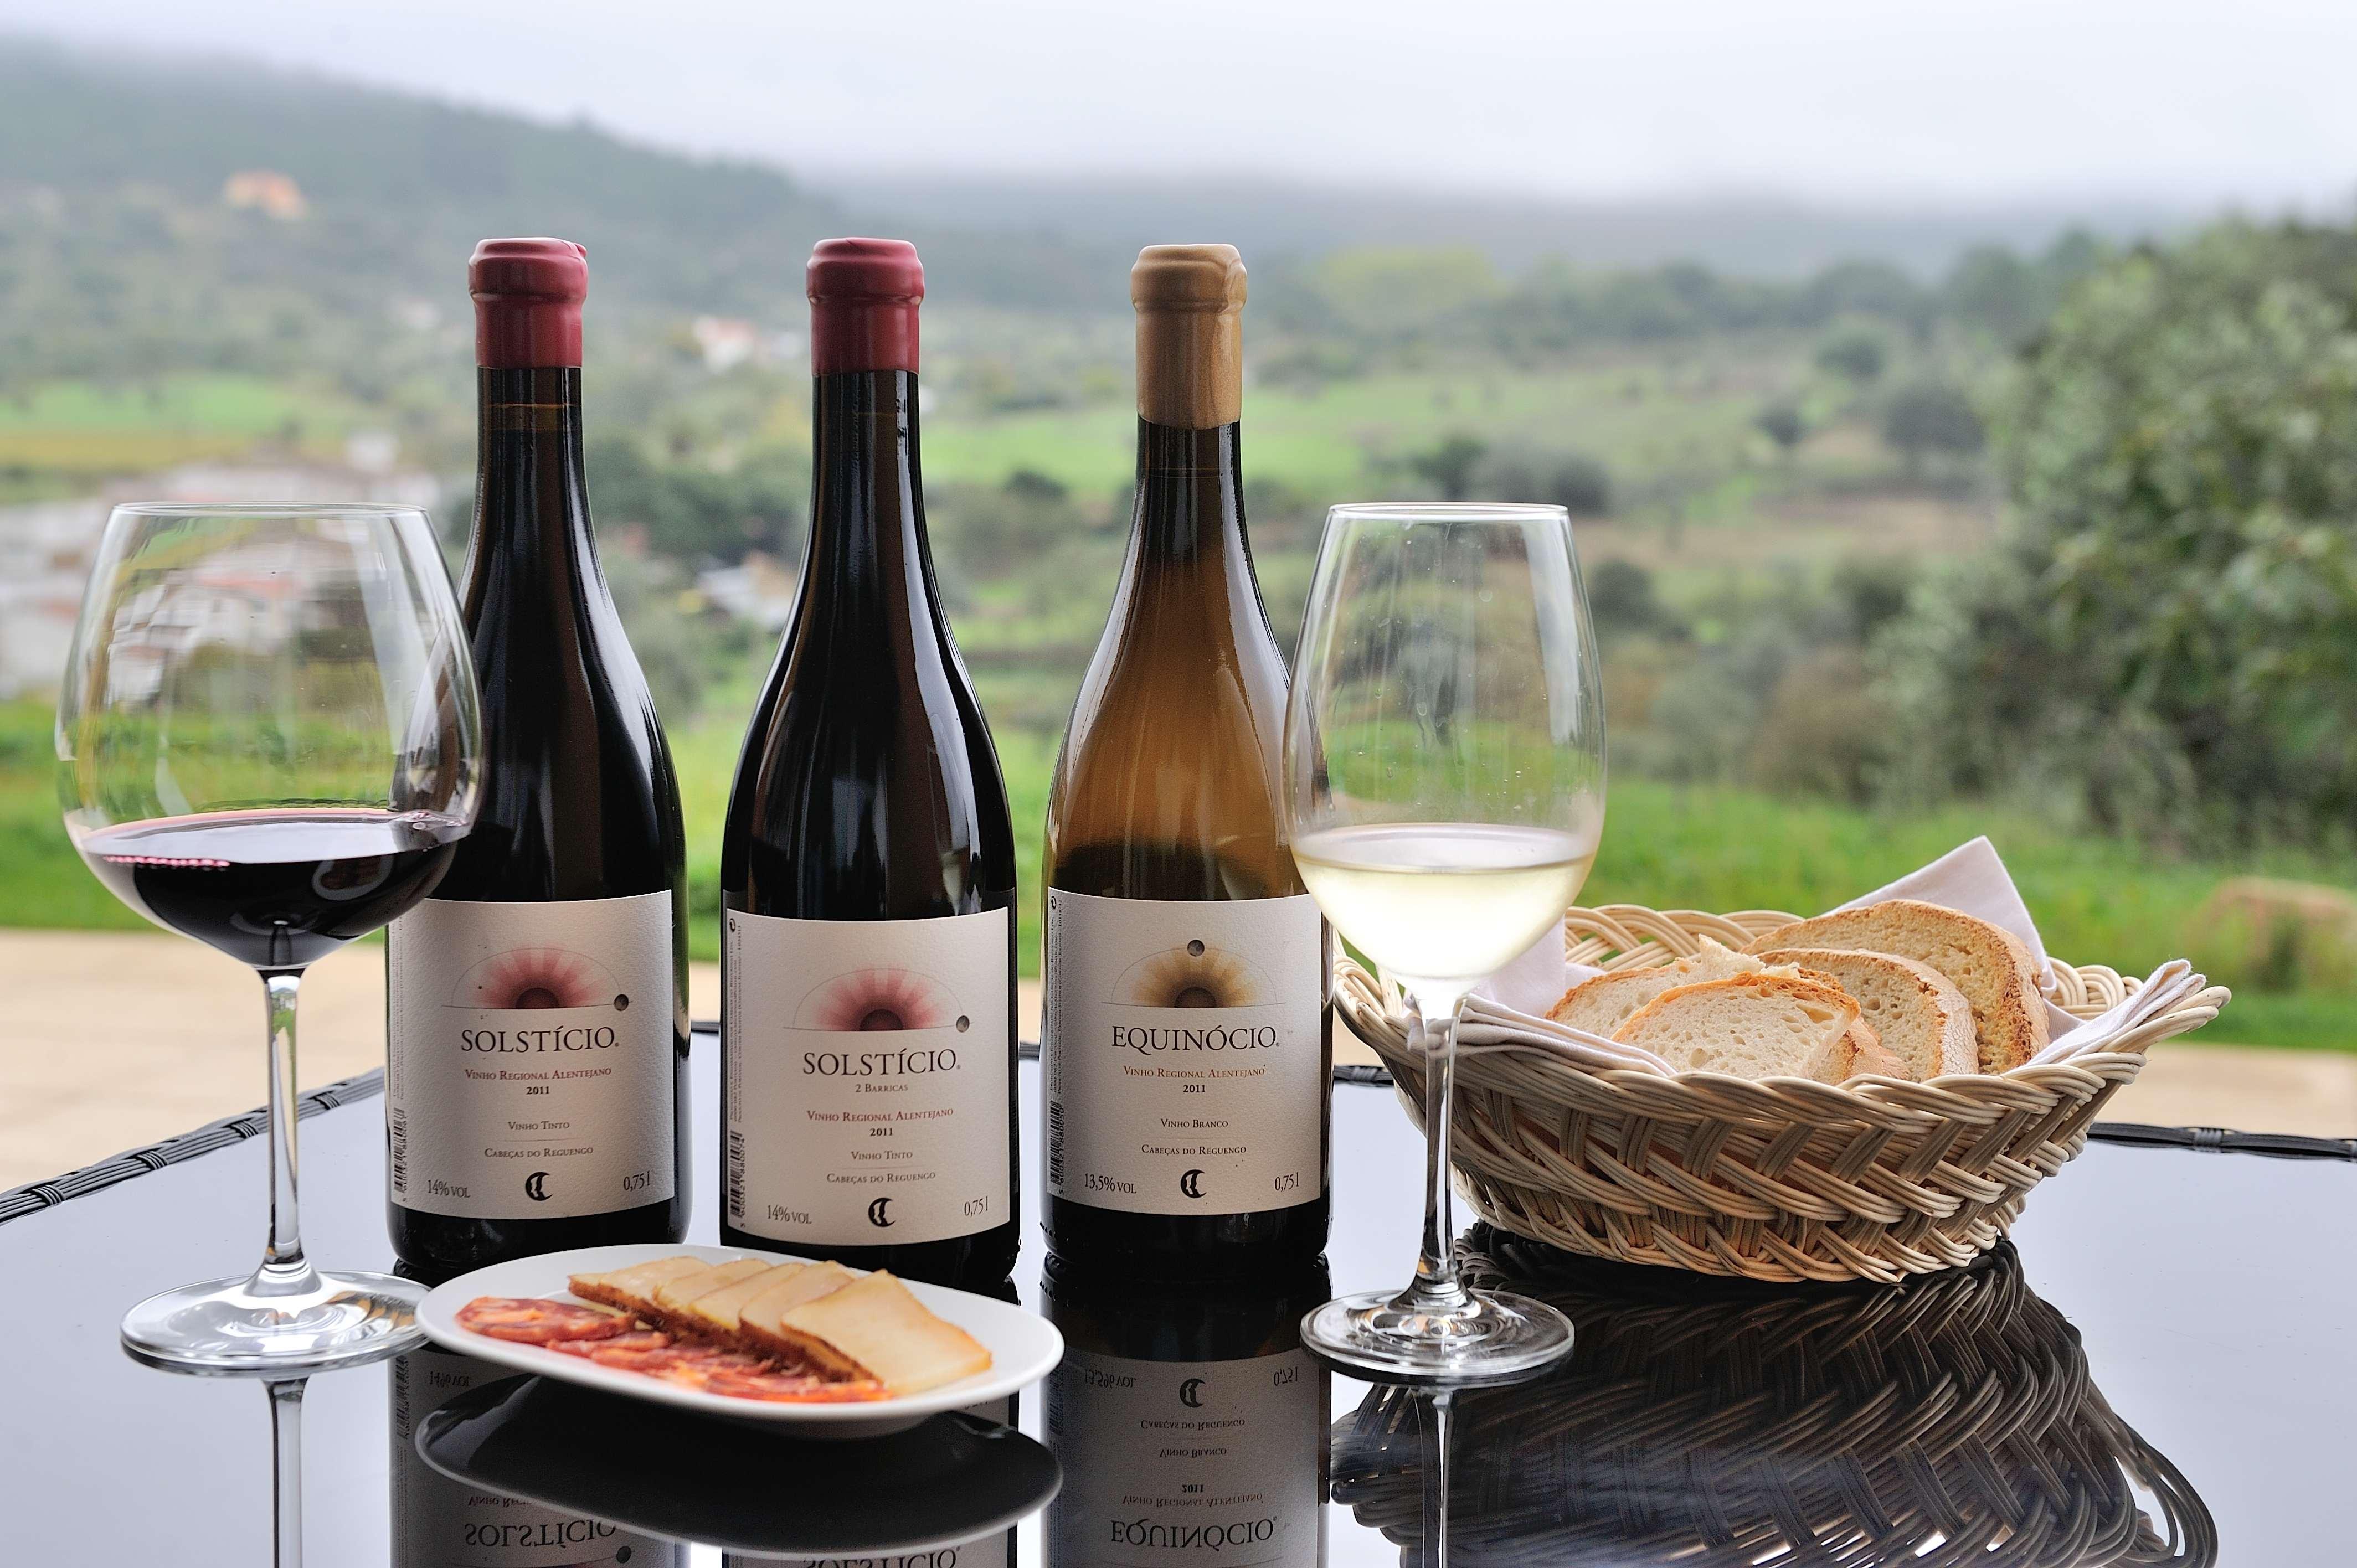 Cabeças do Reguengo - Visita & Prova de Vinhos